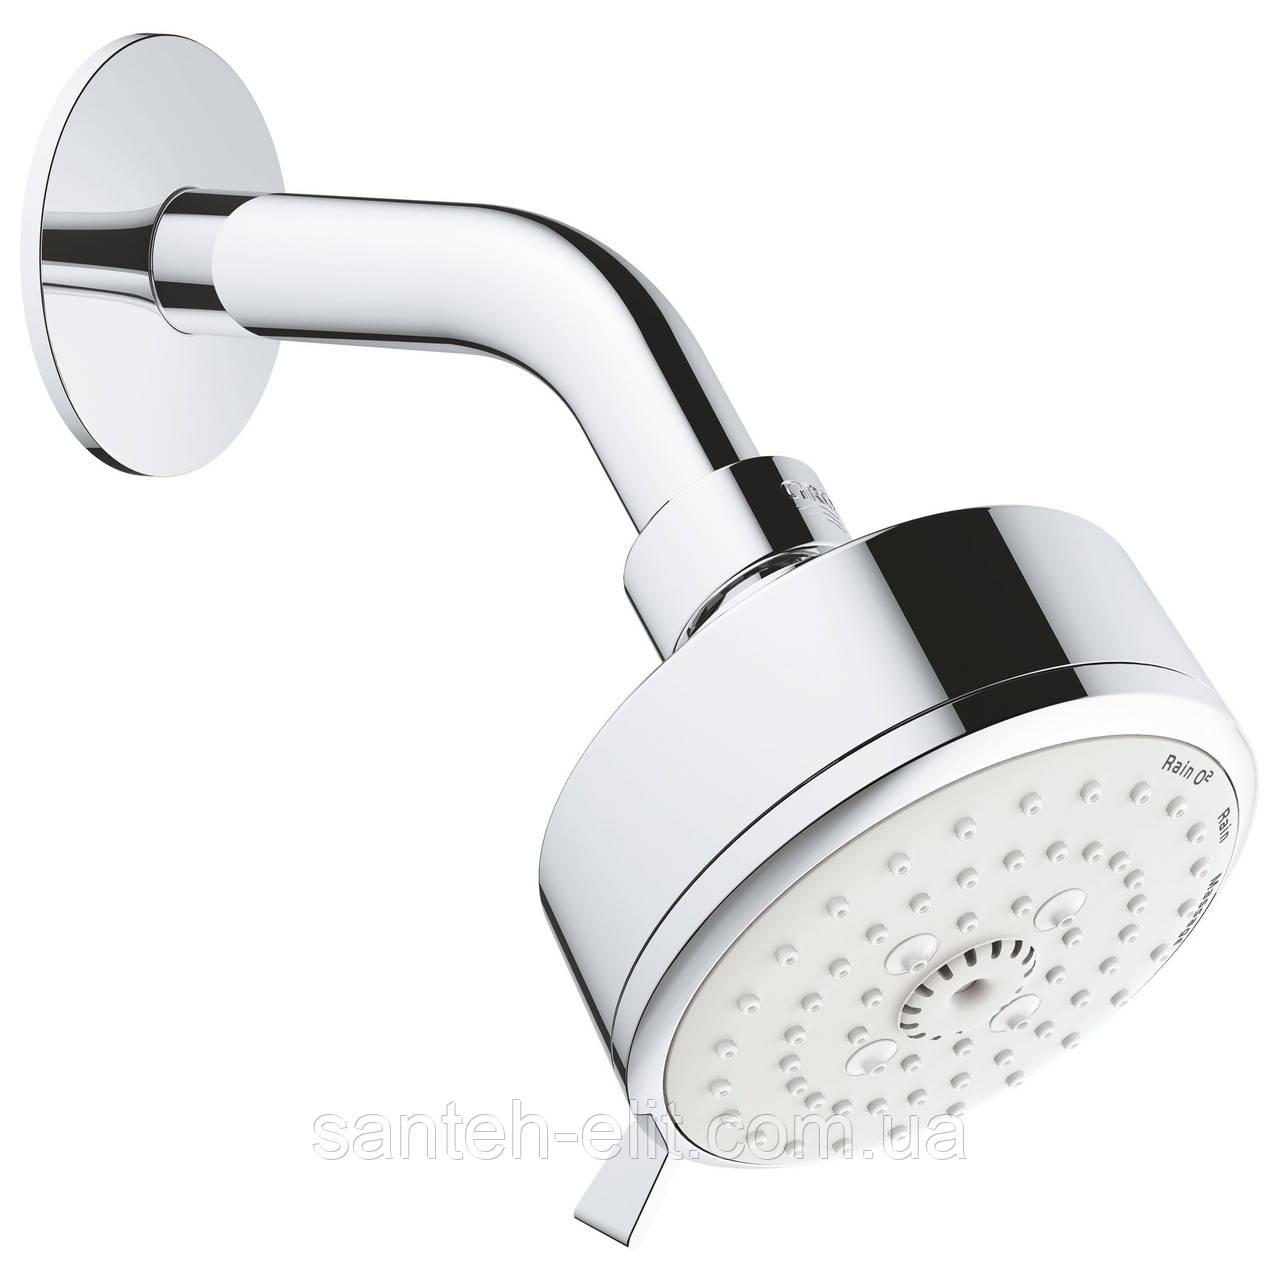 NEW Tempesta Cosmopolitan 100 верхній душ, душовий кронштейн, 3 режими струменя, хром